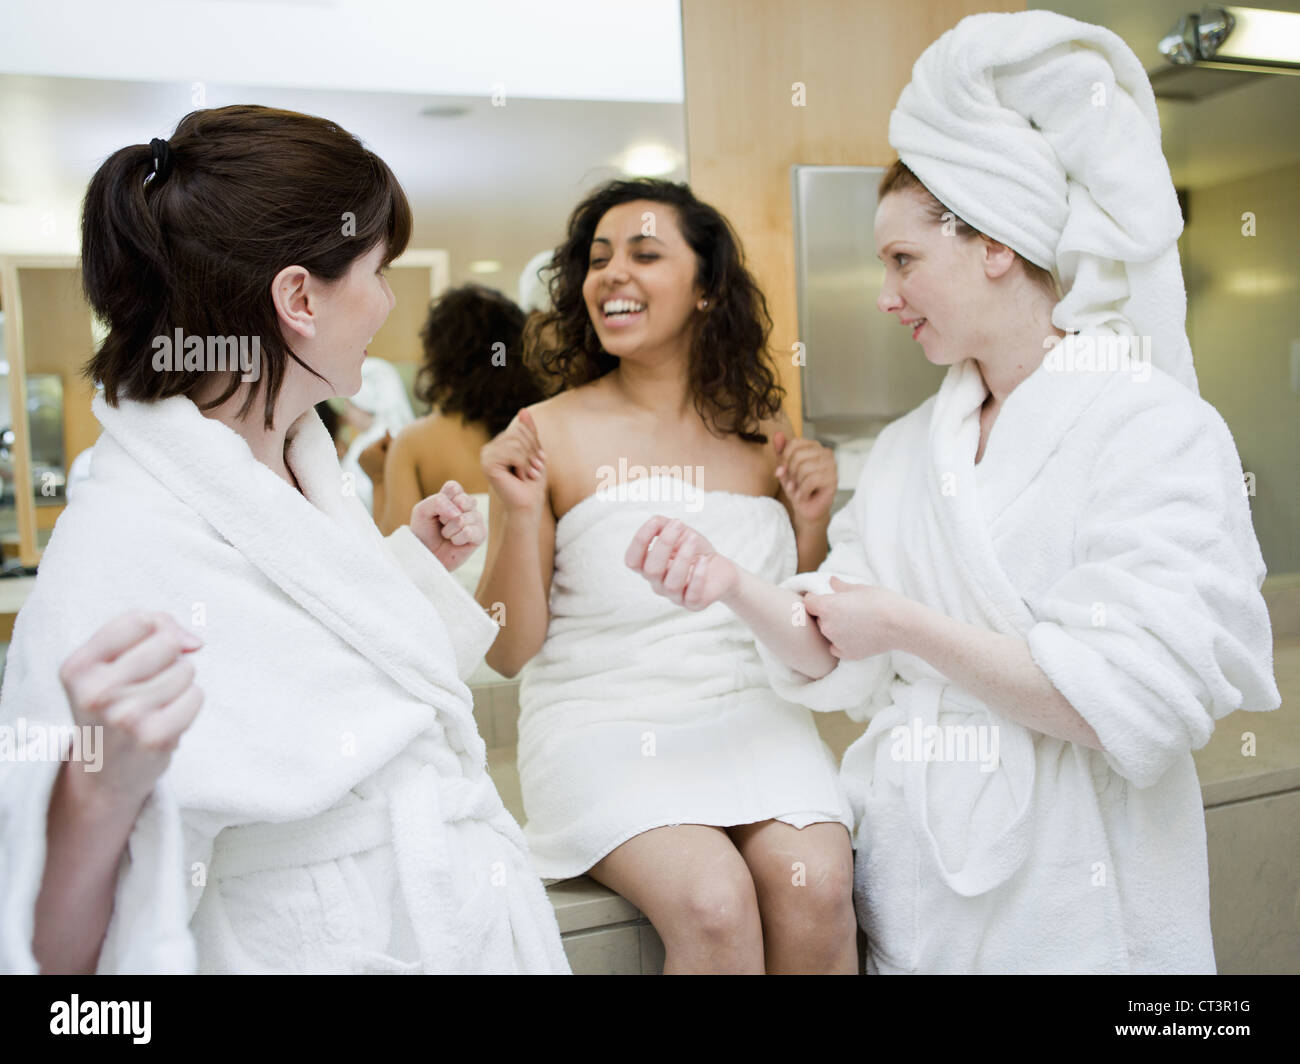 Women wearing towels in locker room - Stock Image